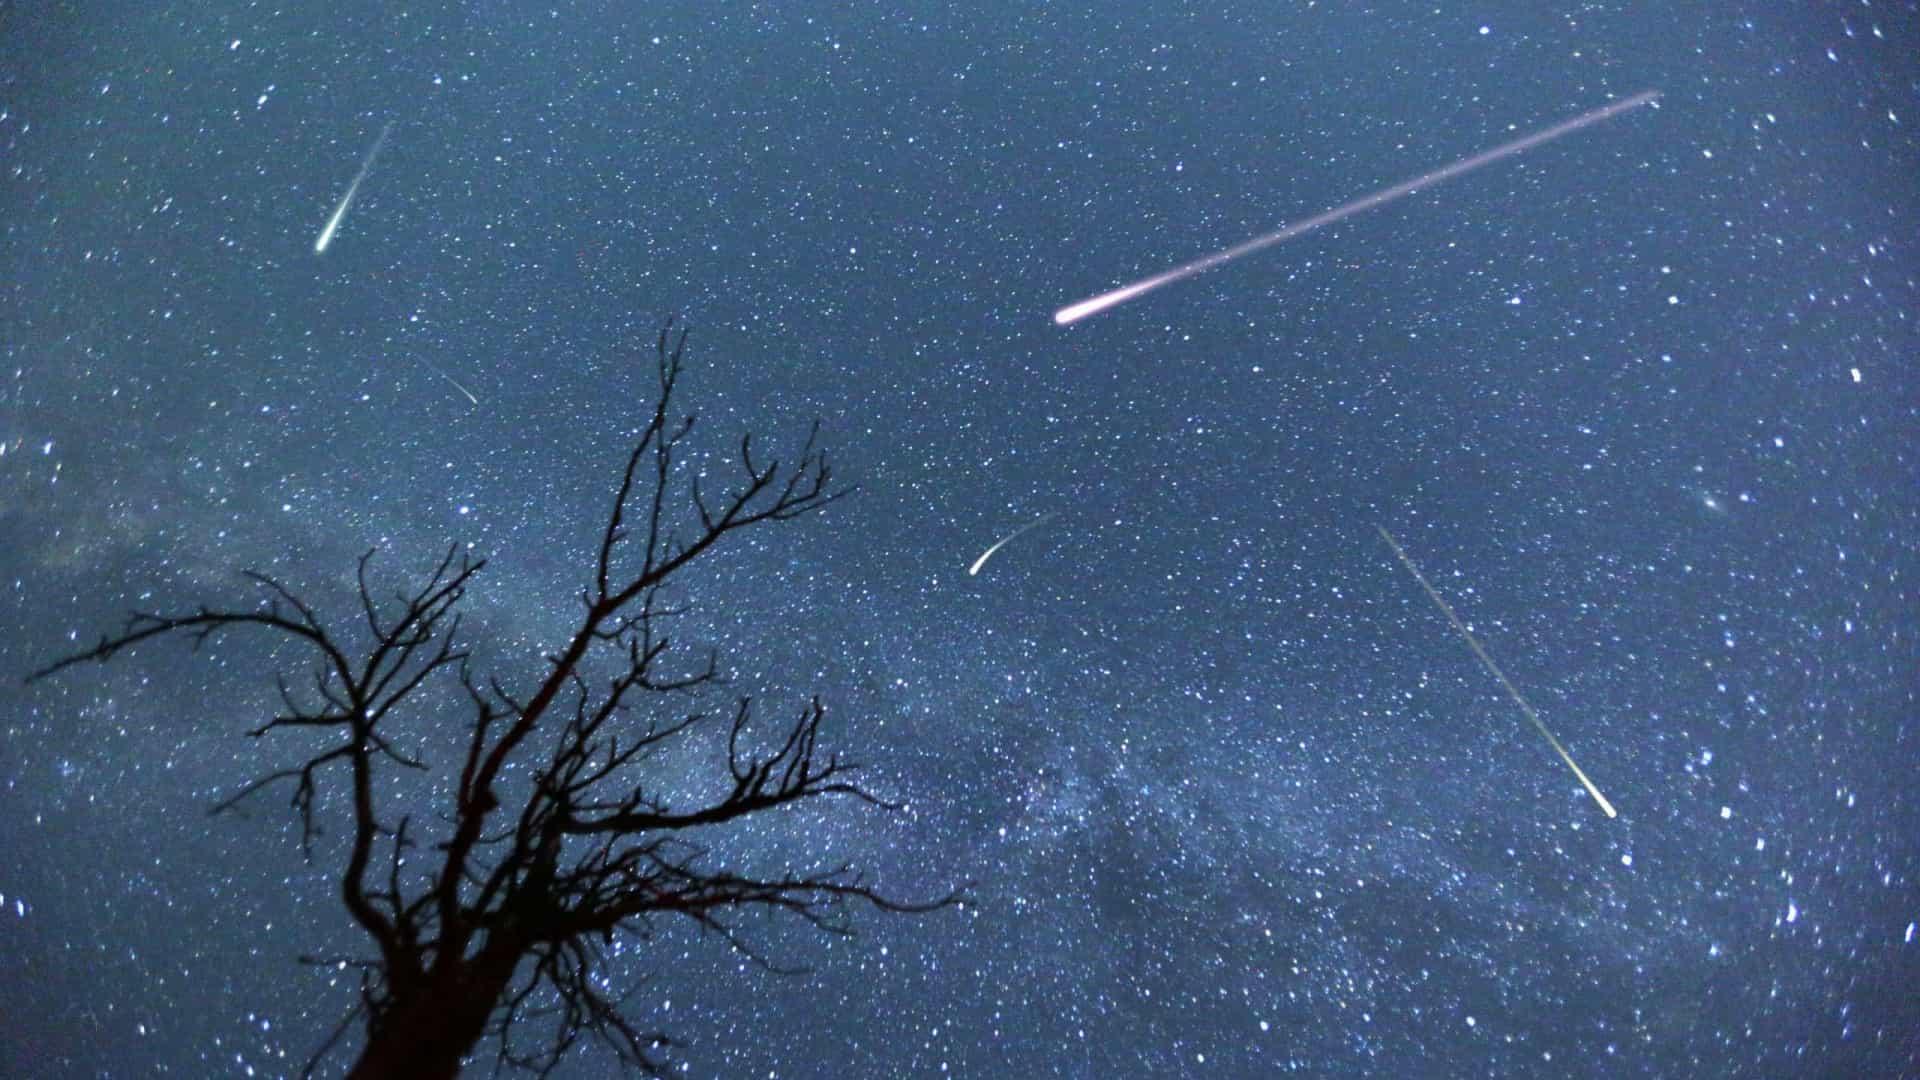 naom 5eafcc2dbfb18 - Final de abril terá uma chuva de meteoros e uma Super Lua